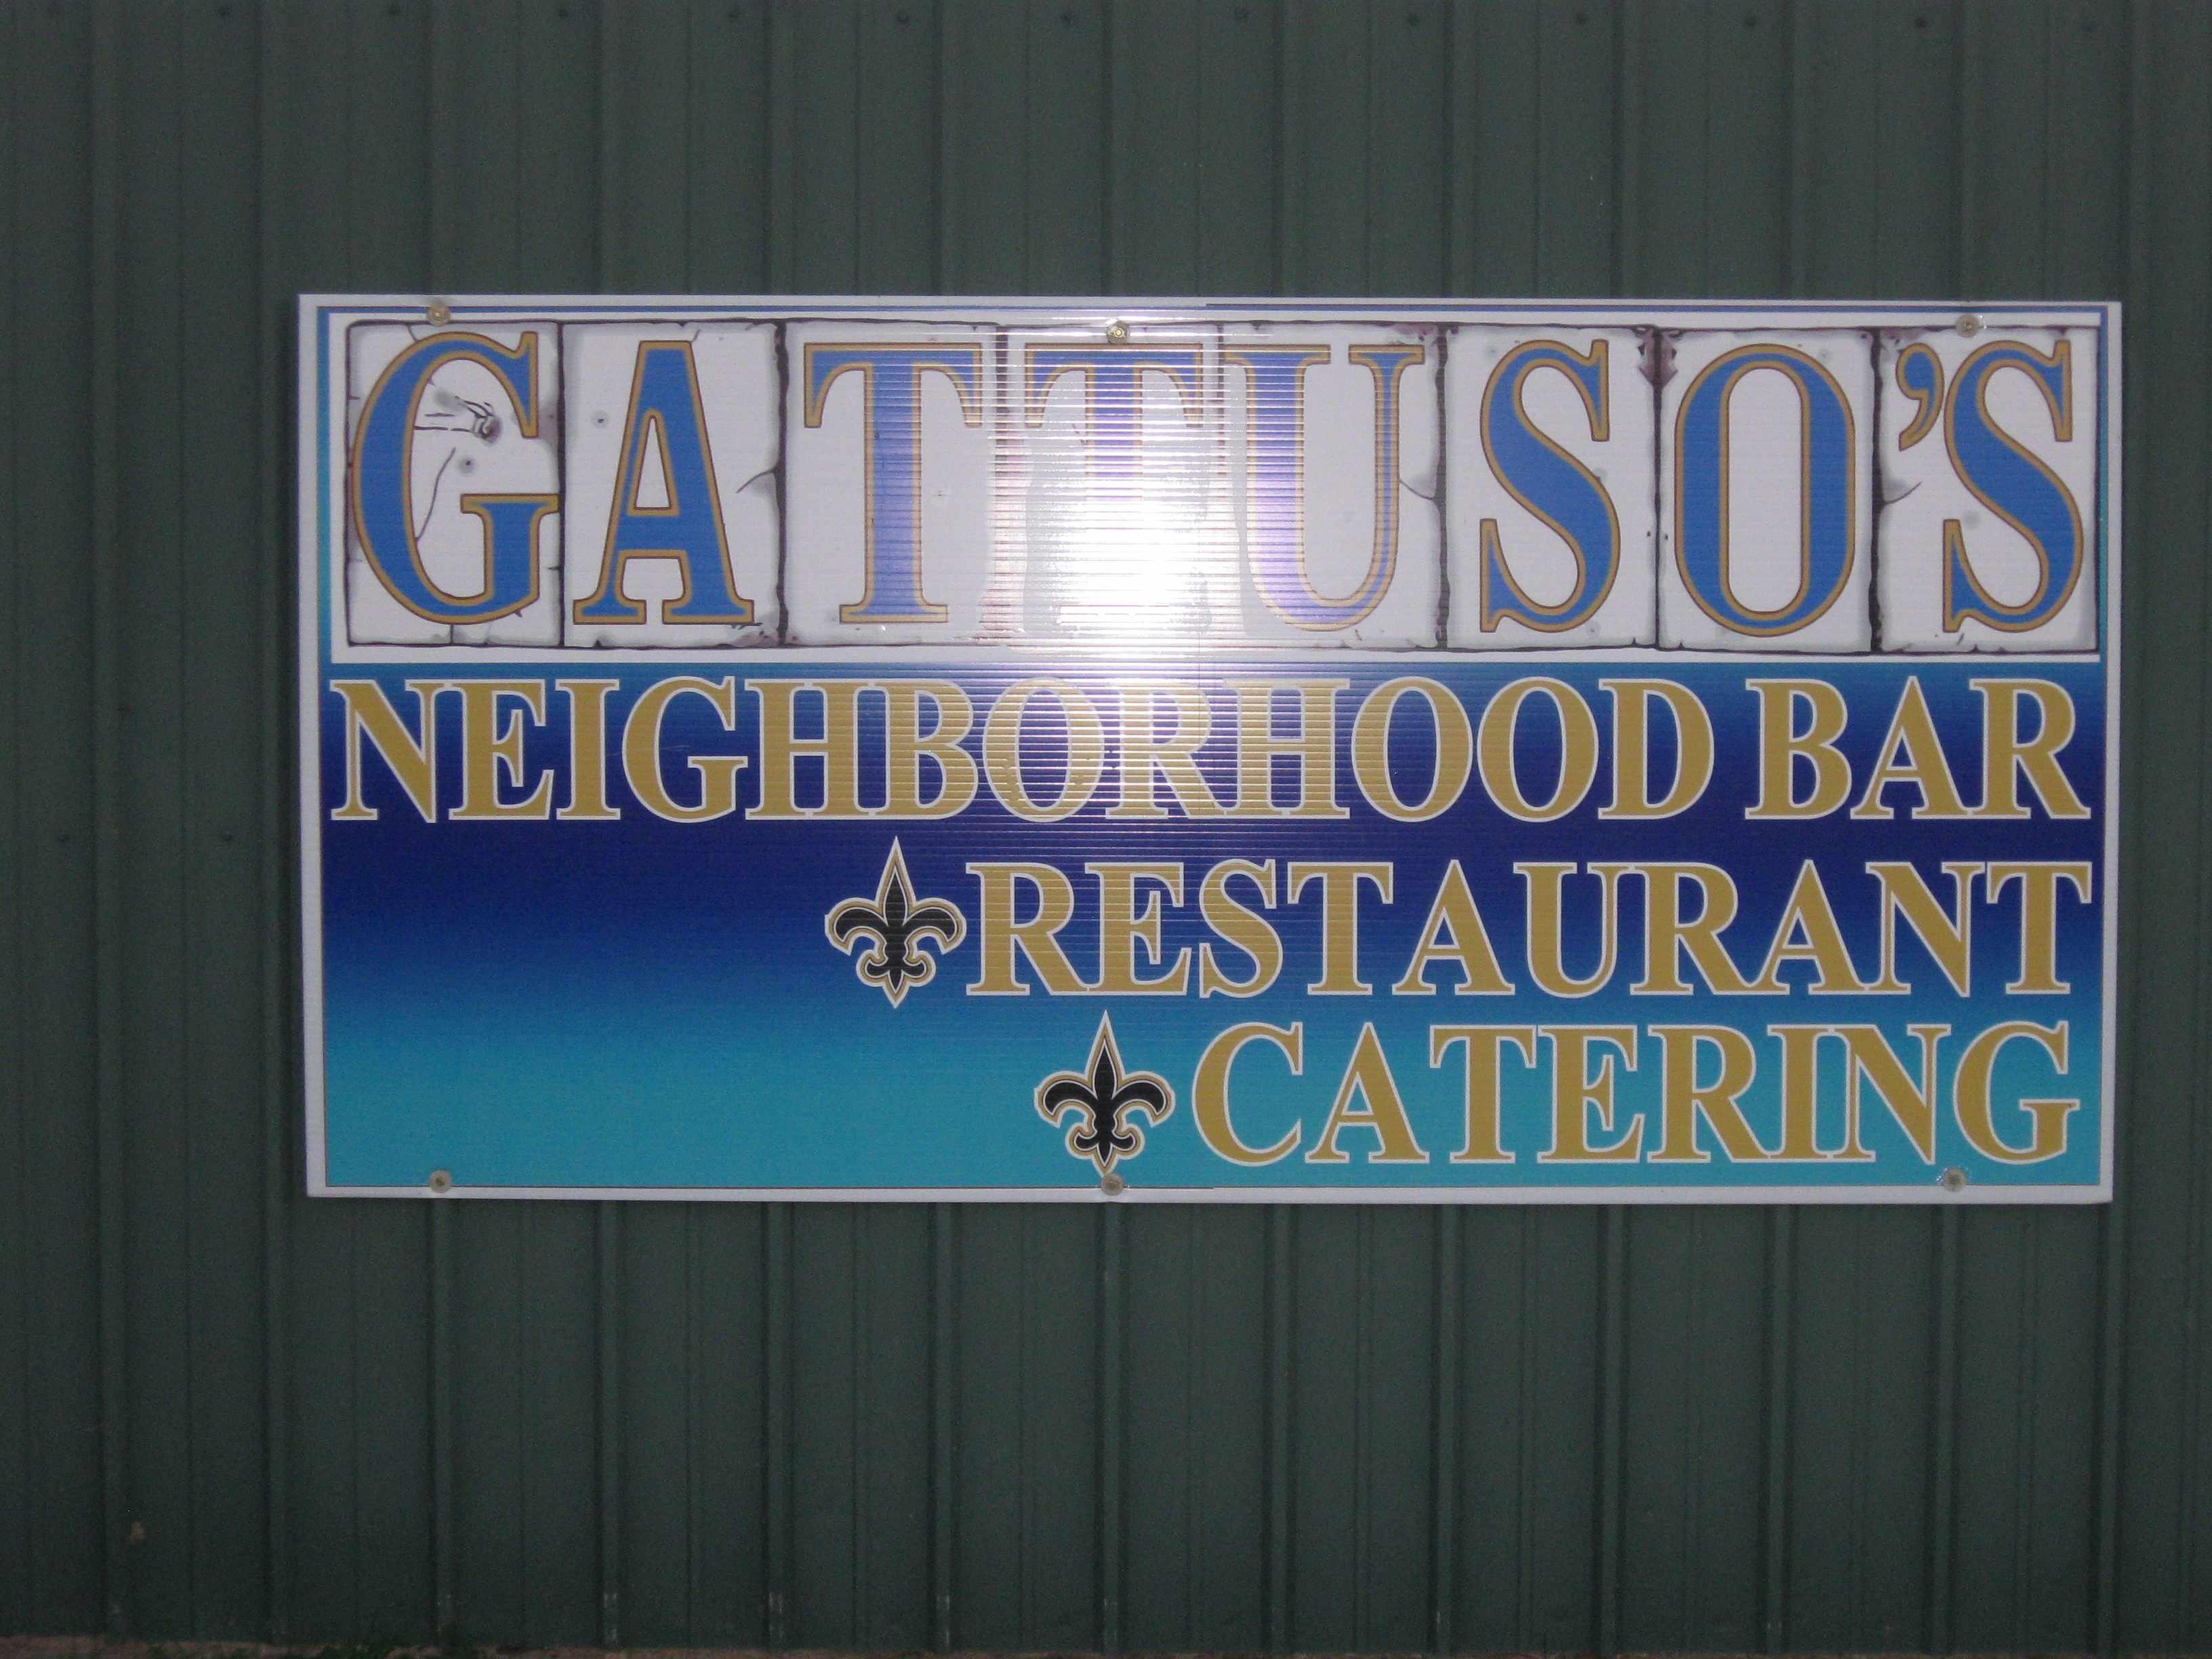 Gattuso's